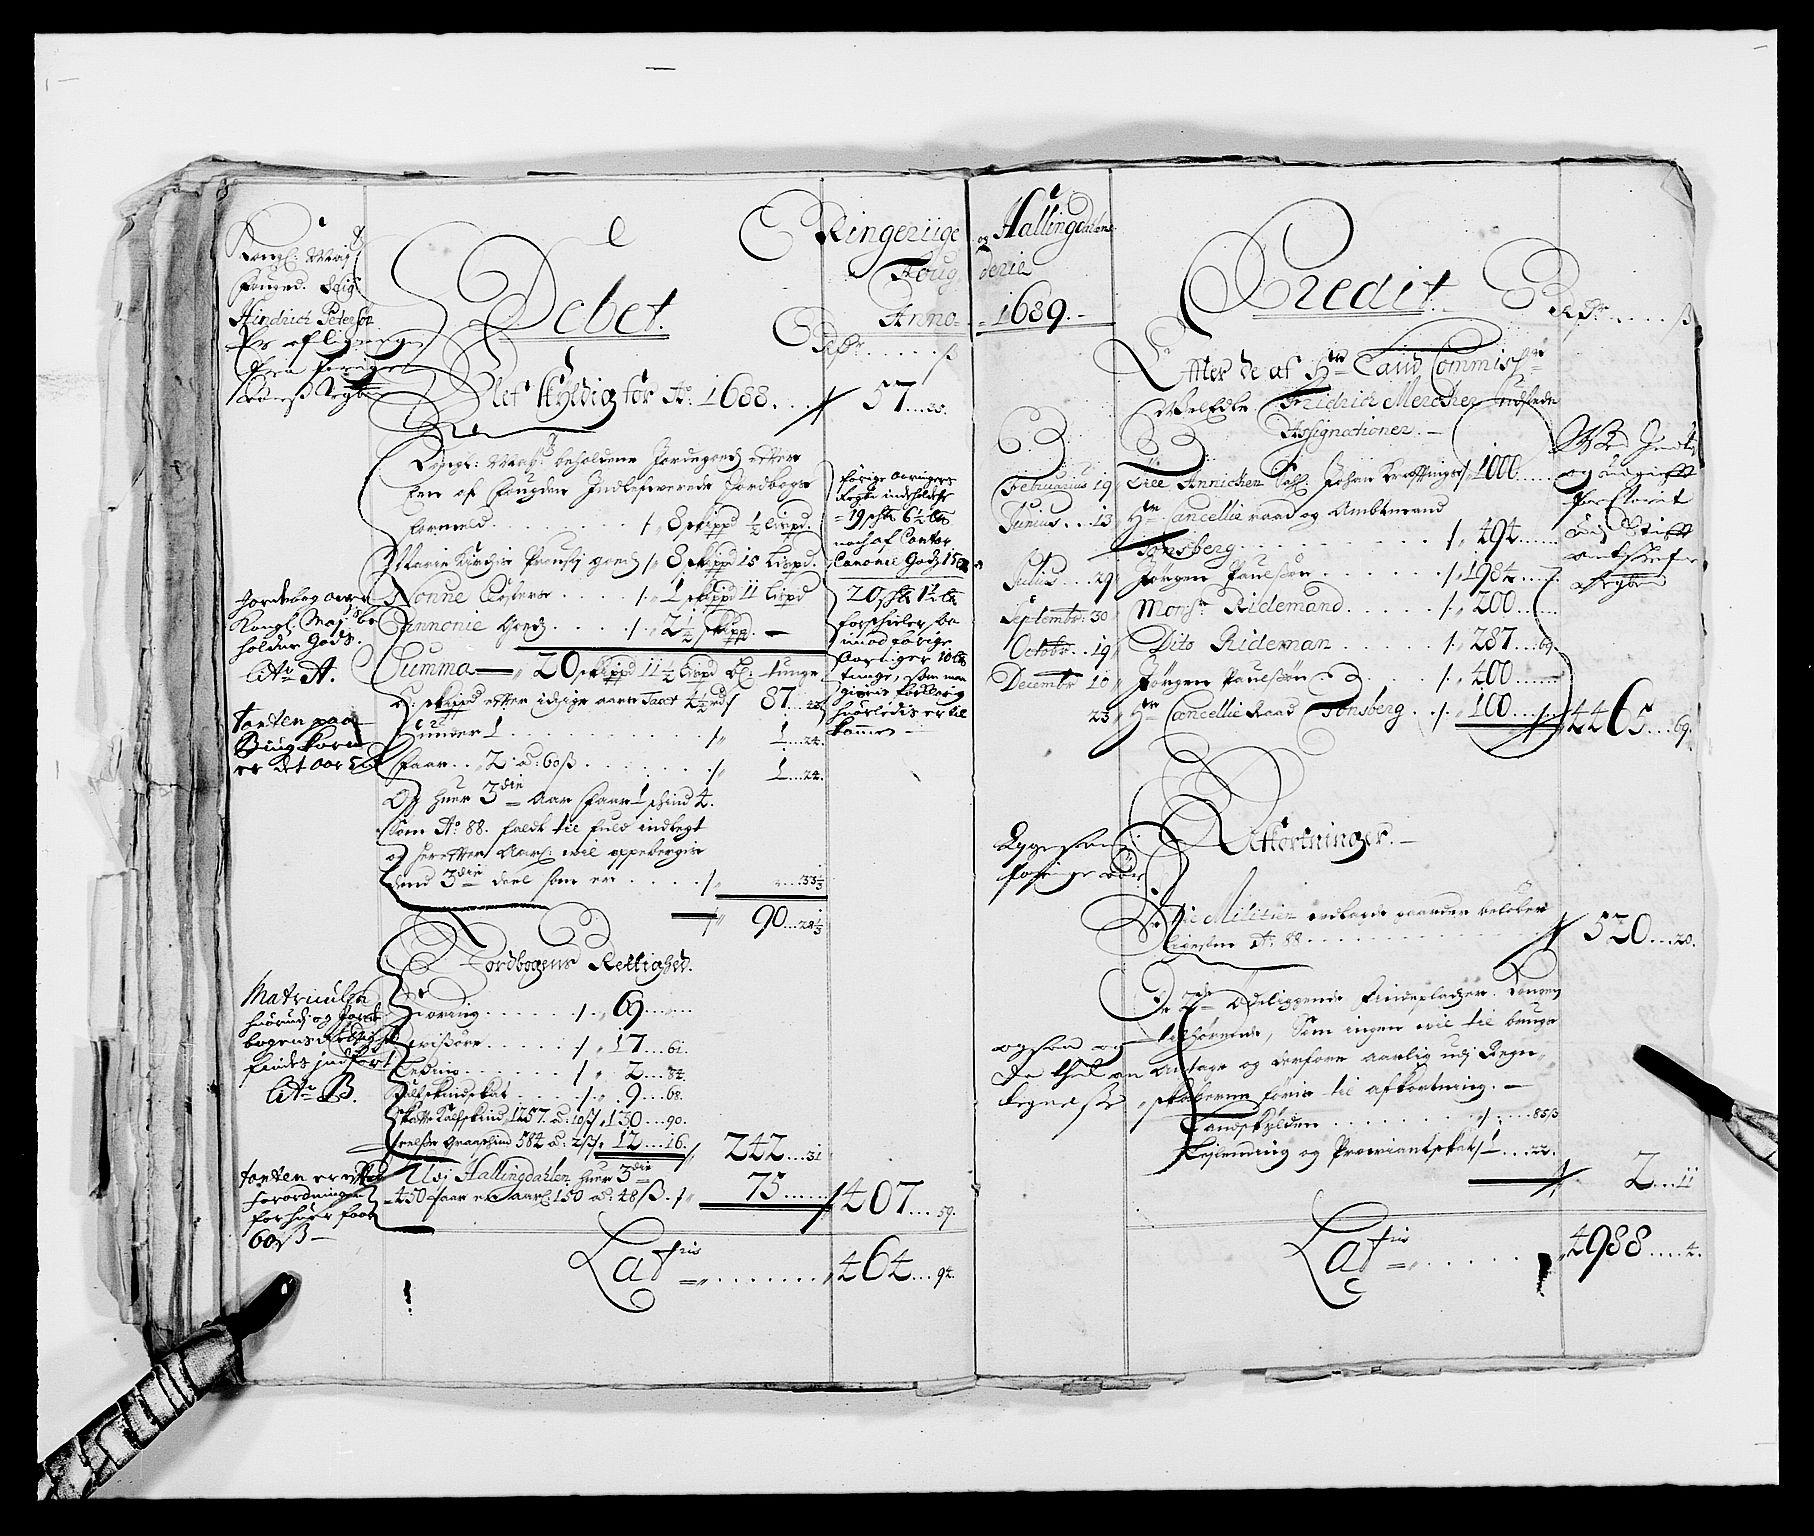 RA, Rentekammeret inntil 1814, Reviderte regnskaper, Fogderegnskap, R21/L1445: Fogderegnskap Ringerike og Hallingdal, 1681-1689, s. 31